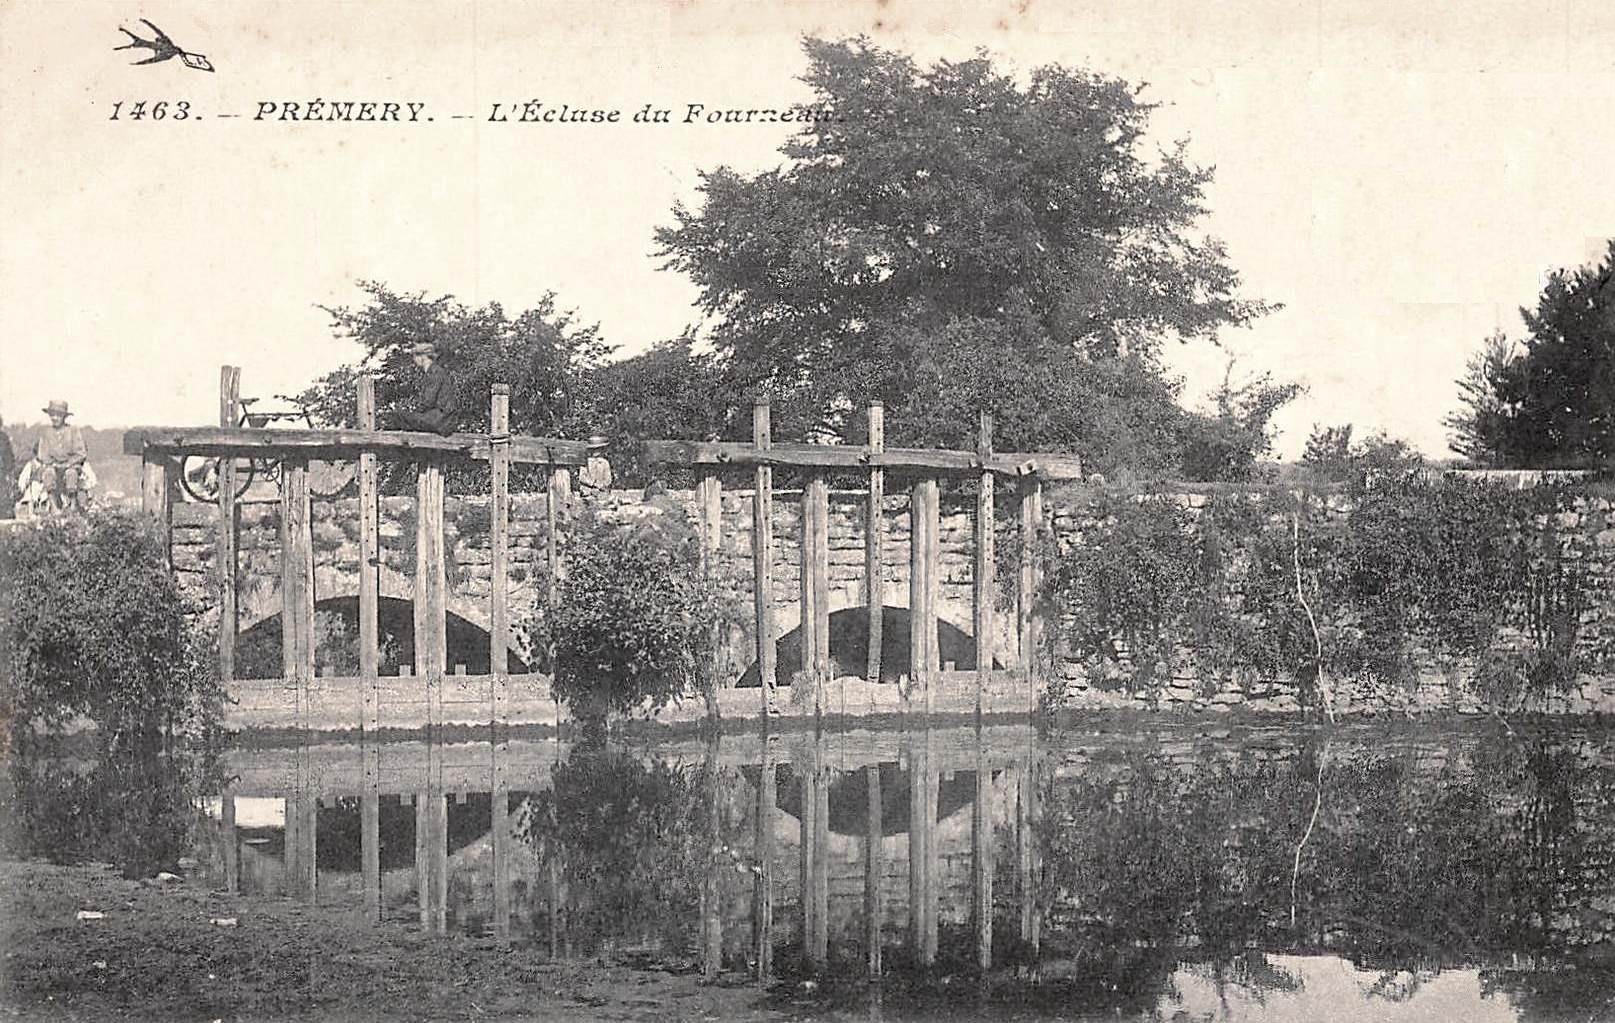 Prémery (Nièvre) L'écluse du Fourneau CPA